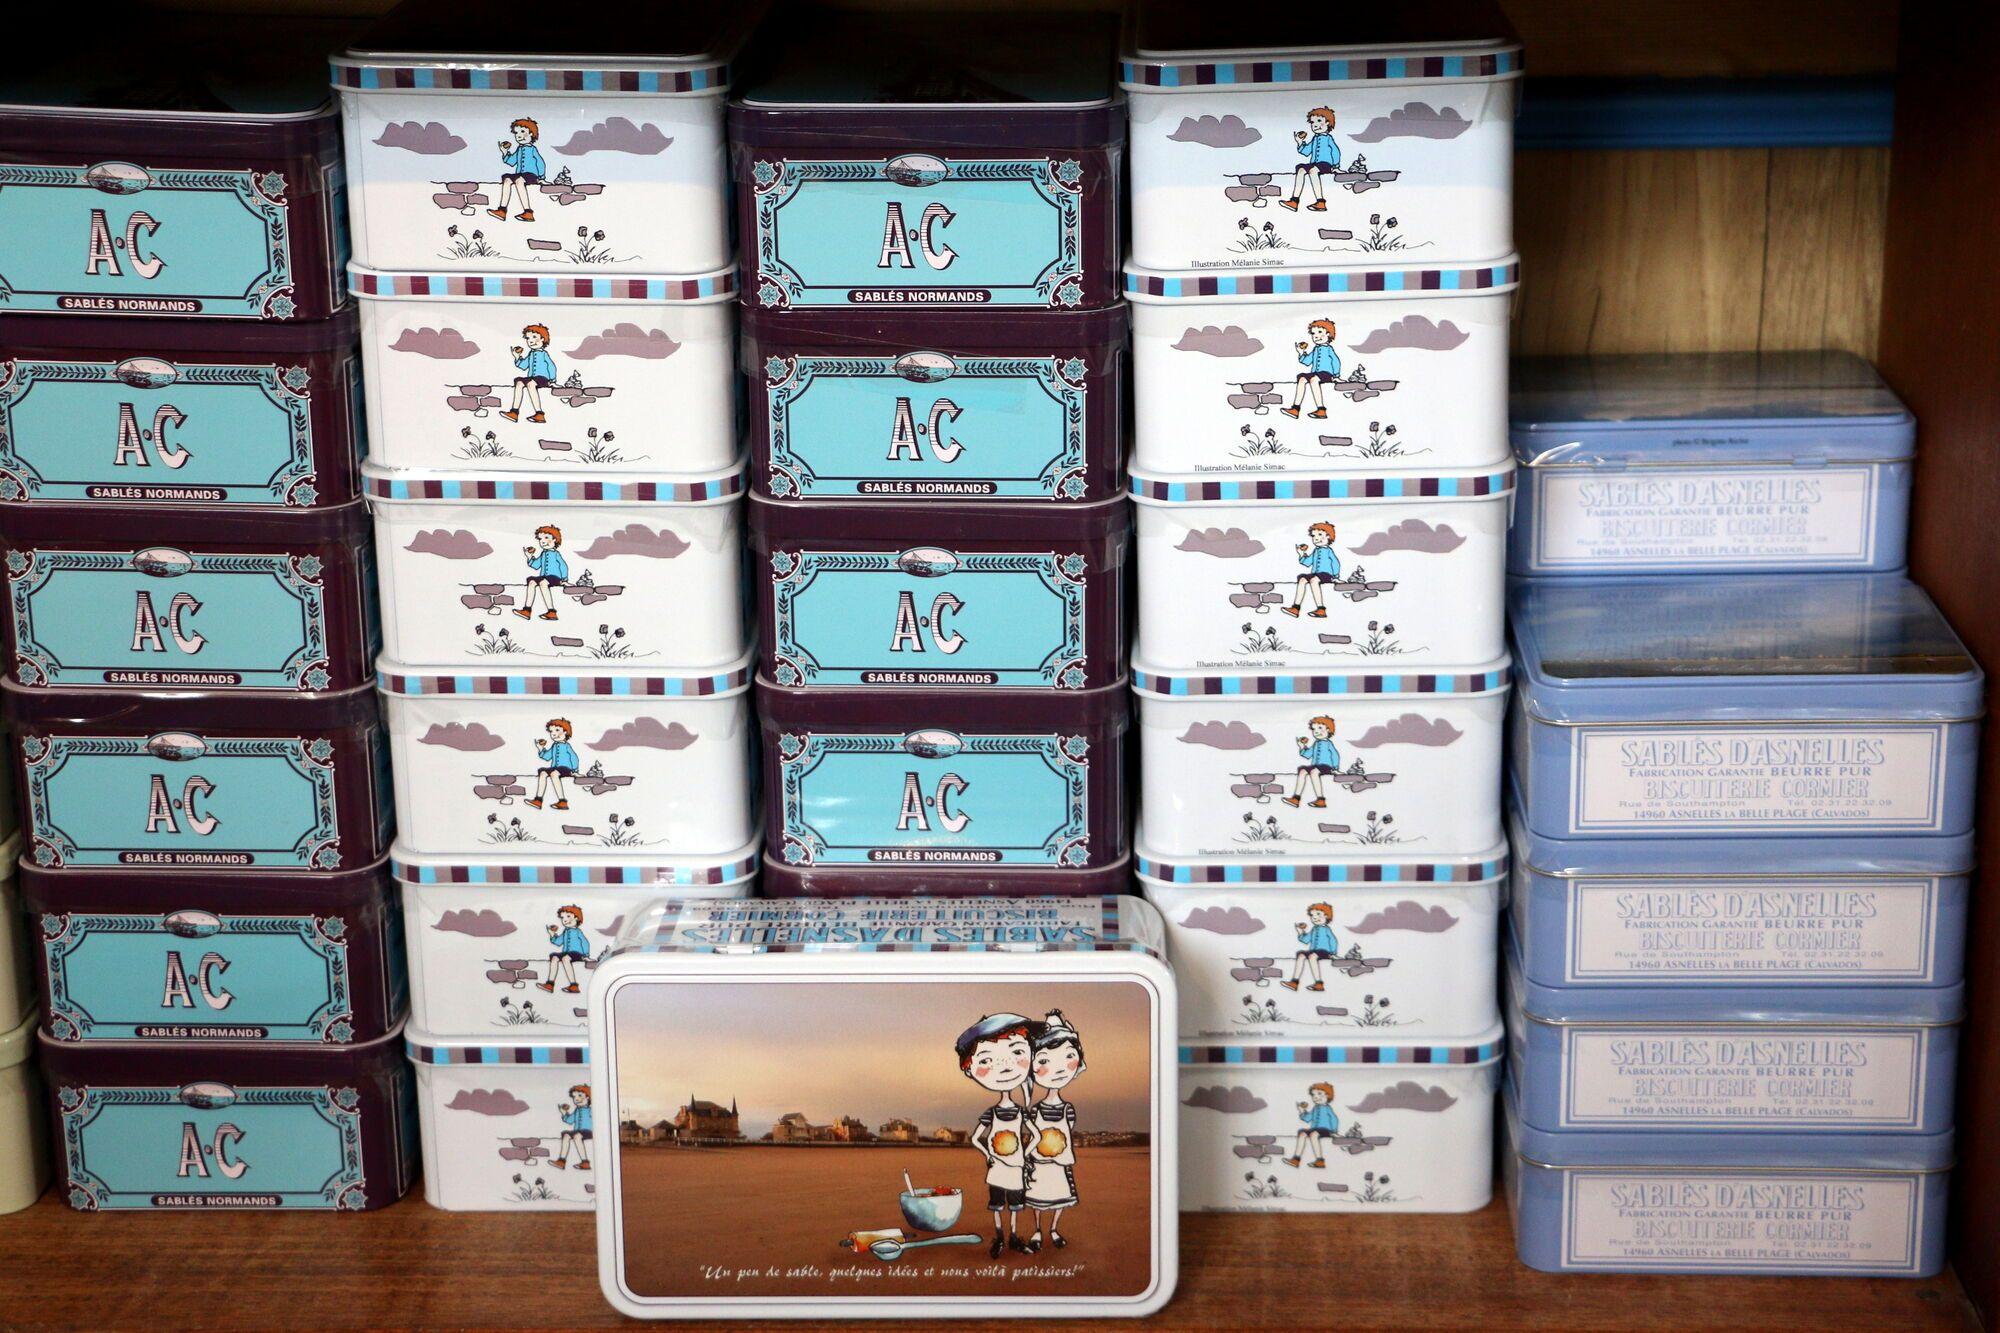 את עוגיות החמאה של Les Sables D'asnelles אפשר לקנות ביחידות או בקופסאות פח משגעות